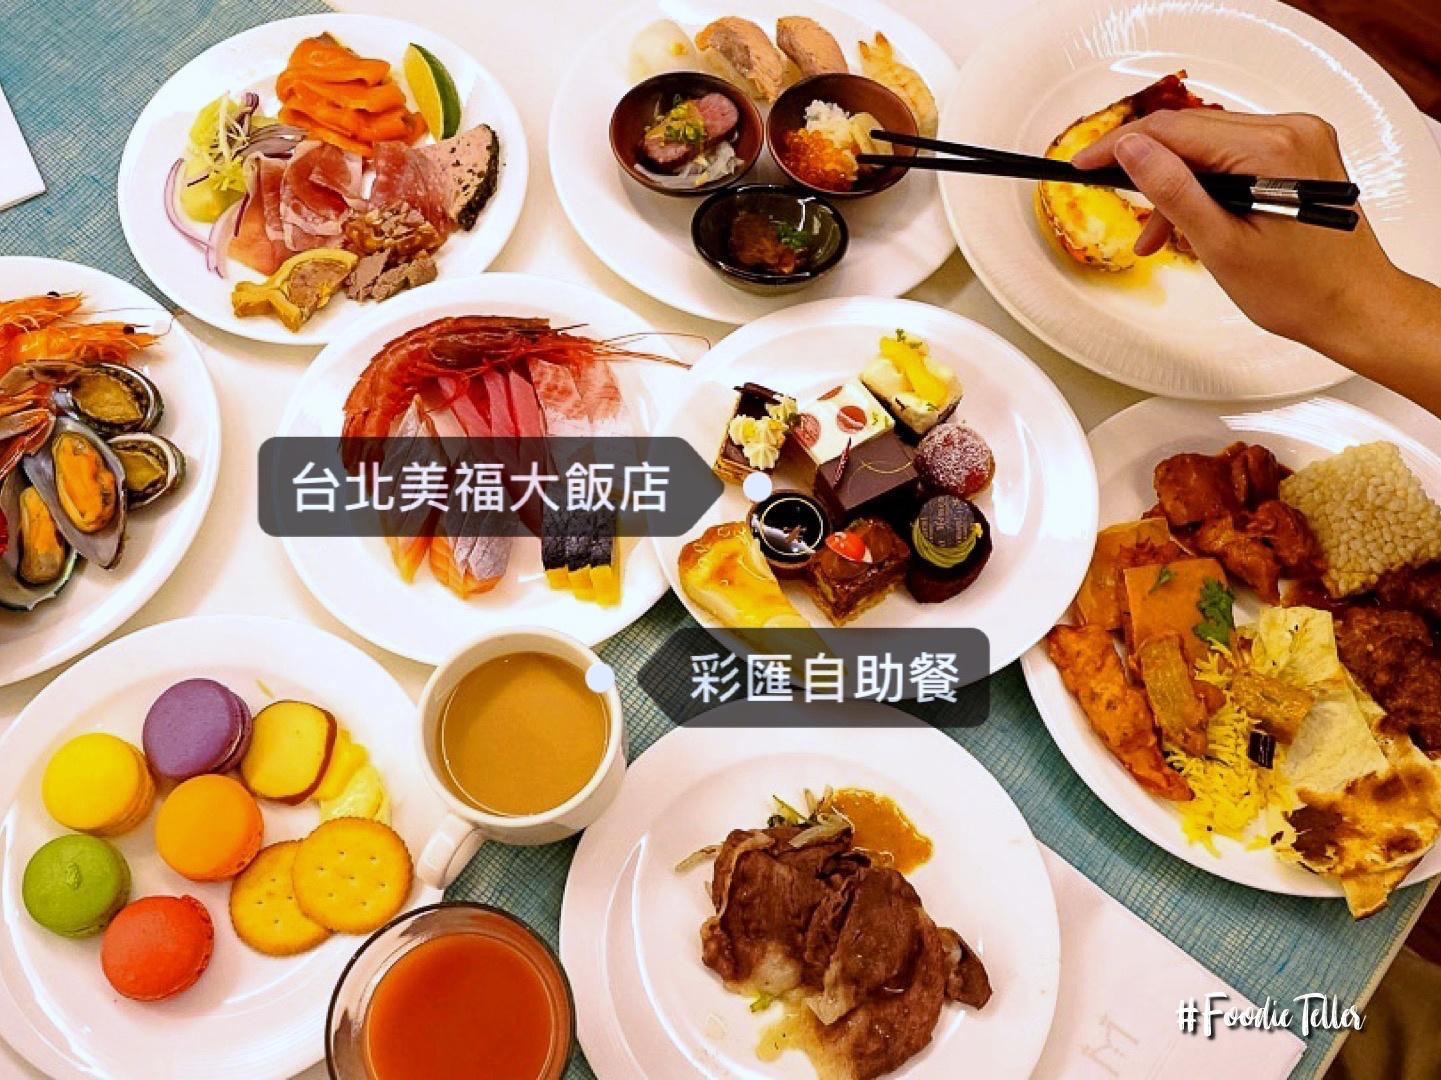 台北大直美福彩匯自助餐Buffet|牛肉控必吃21熟成牛肉麵A5和牛熟成牛排吃到飽!